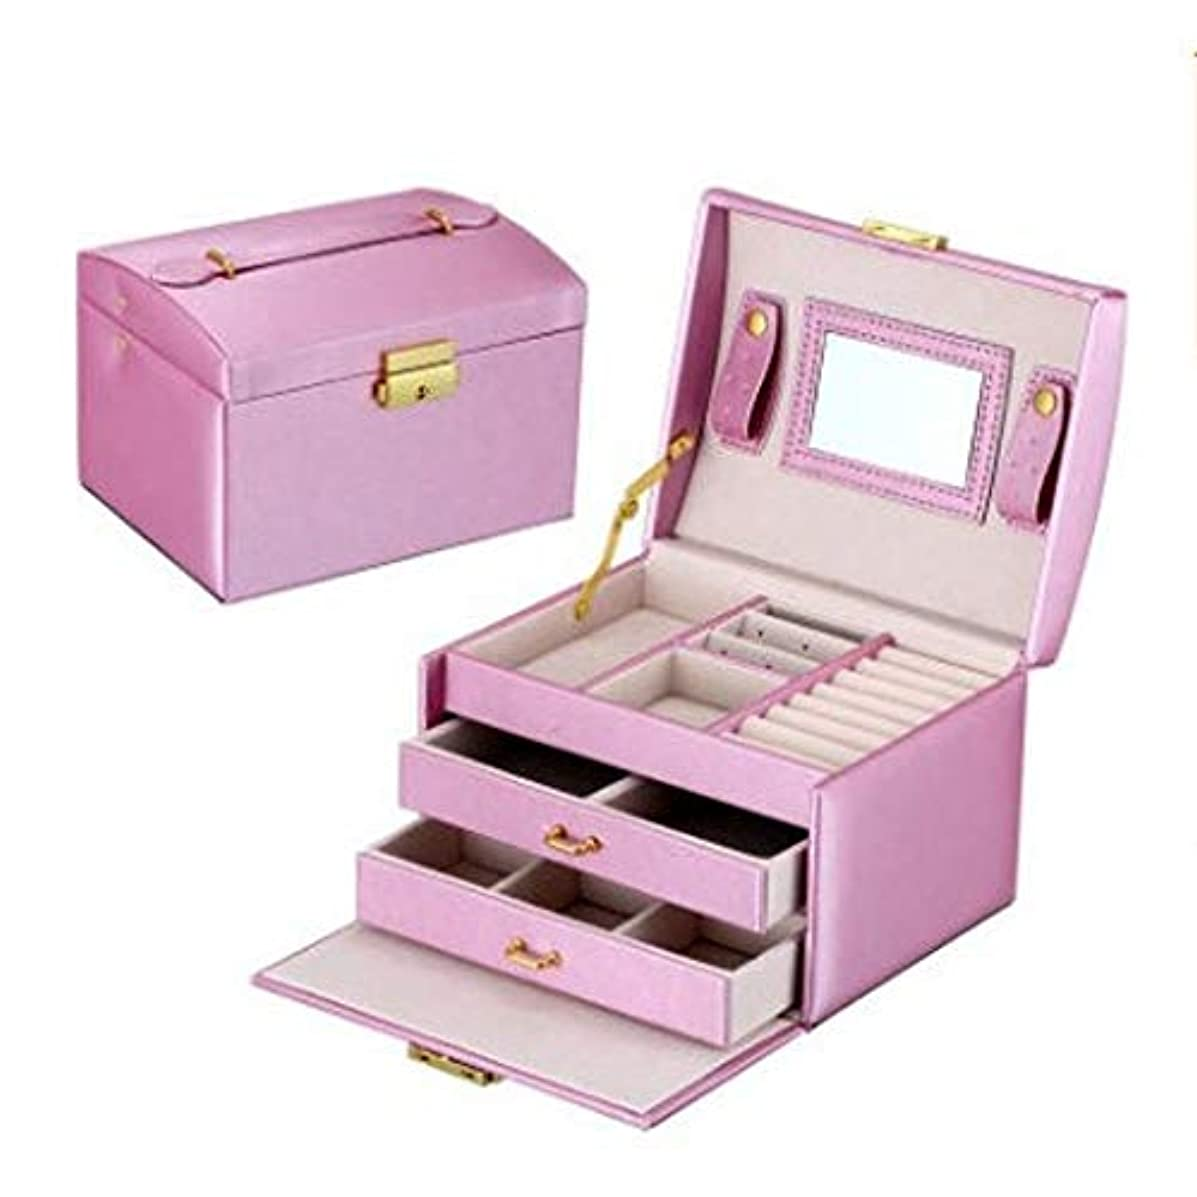 ラジカルオリエンタル炭素特大スペース収納ビューティーボックス 大型人工皮革トラベルジュエリーボックス収納ボックスディスプレイリングイヤリングネックレス(5色オプション) 化粧品化粧台 (色 : Purple pink)